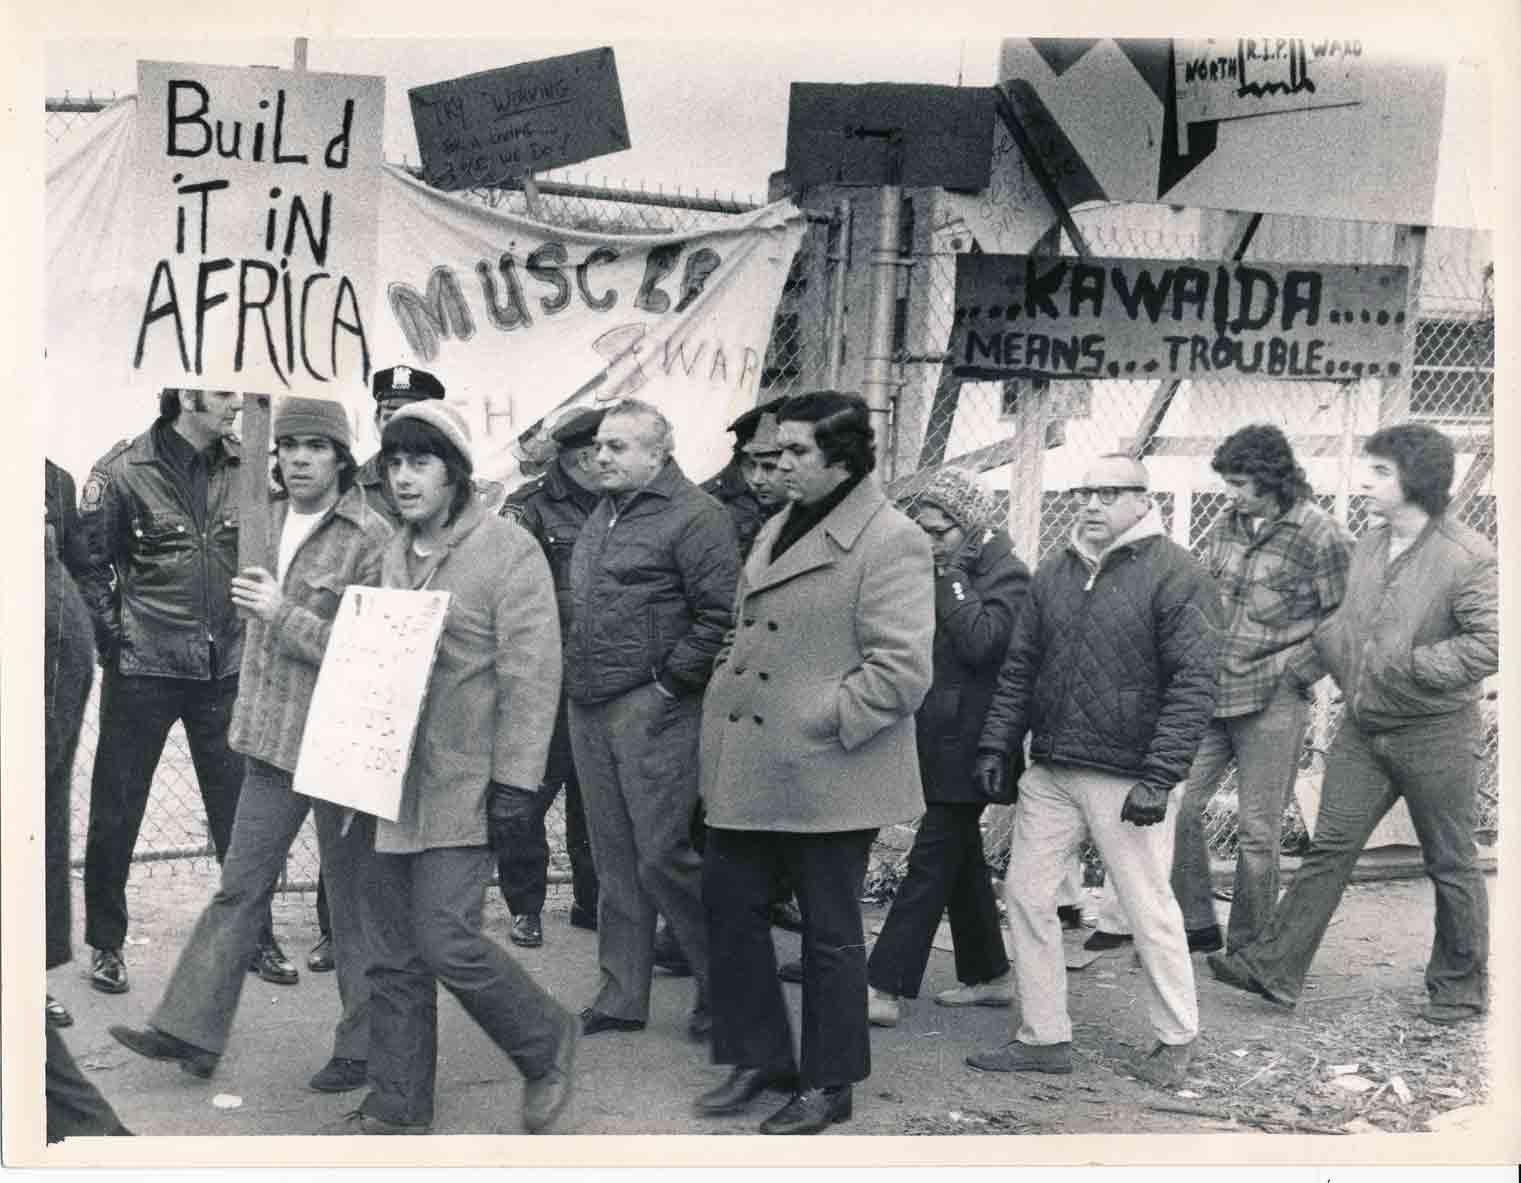 Pickets at Kawaida Towers (1972)